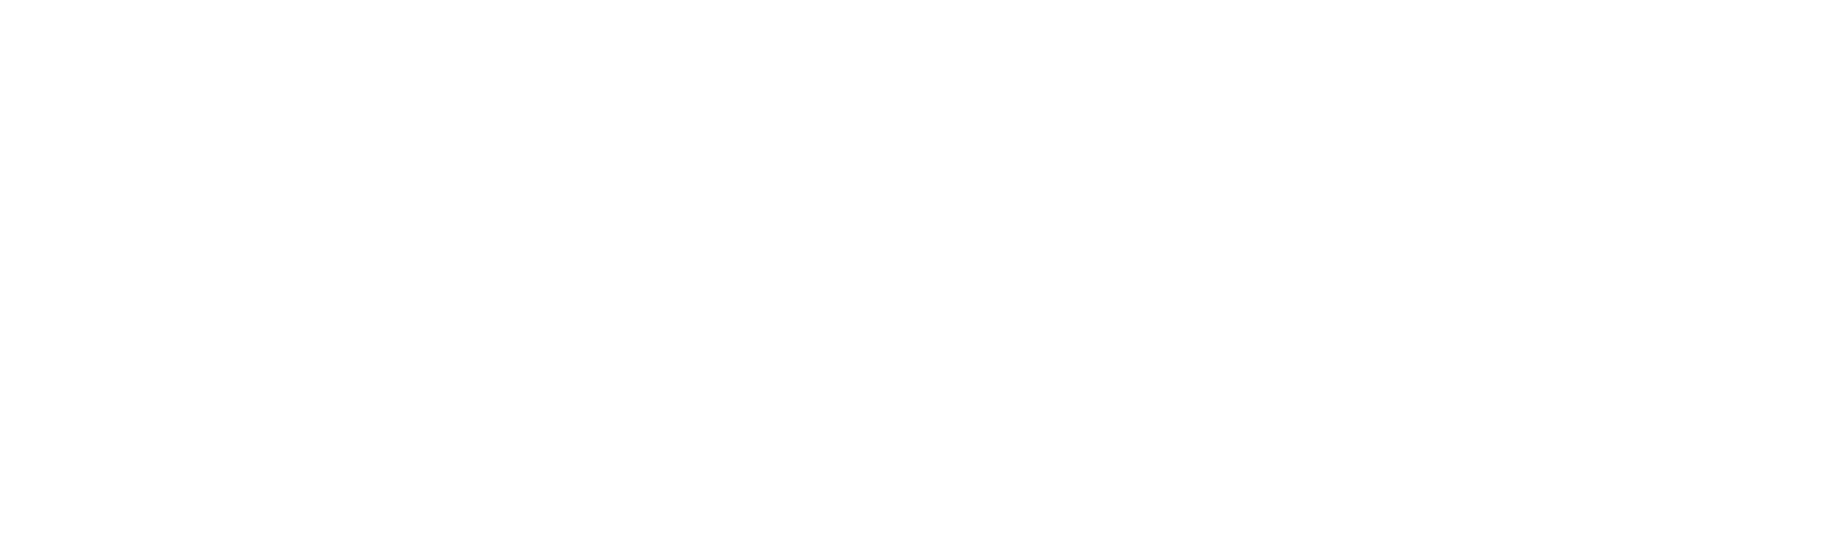 Rheumatology Network logo knockout